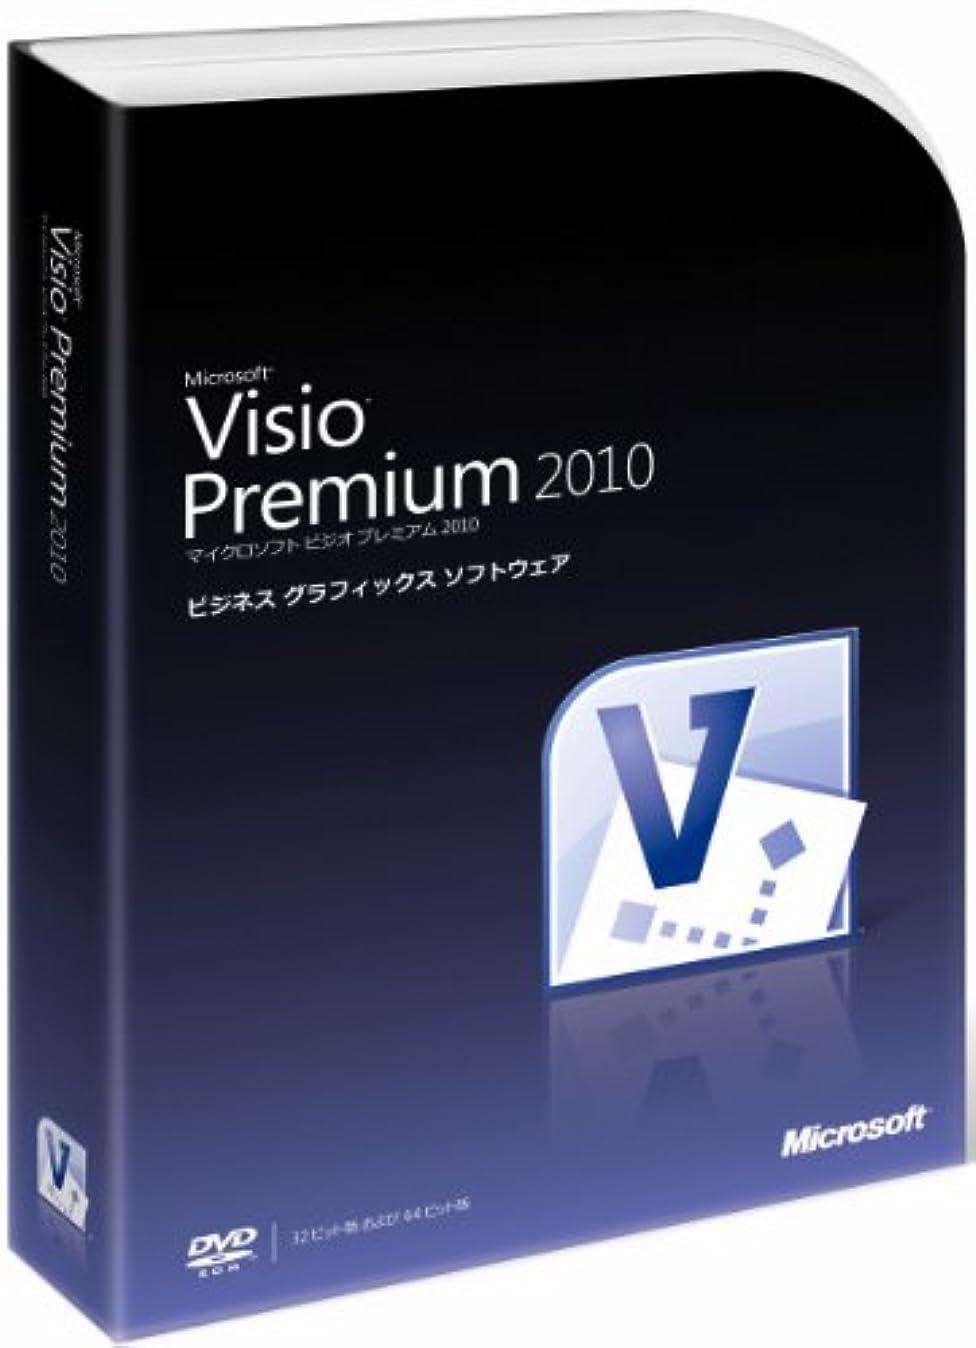 細菌バスタブ国勢調査【旧商品】Microsoft Office Visio Premium 2010 通常版 [パッケージ]